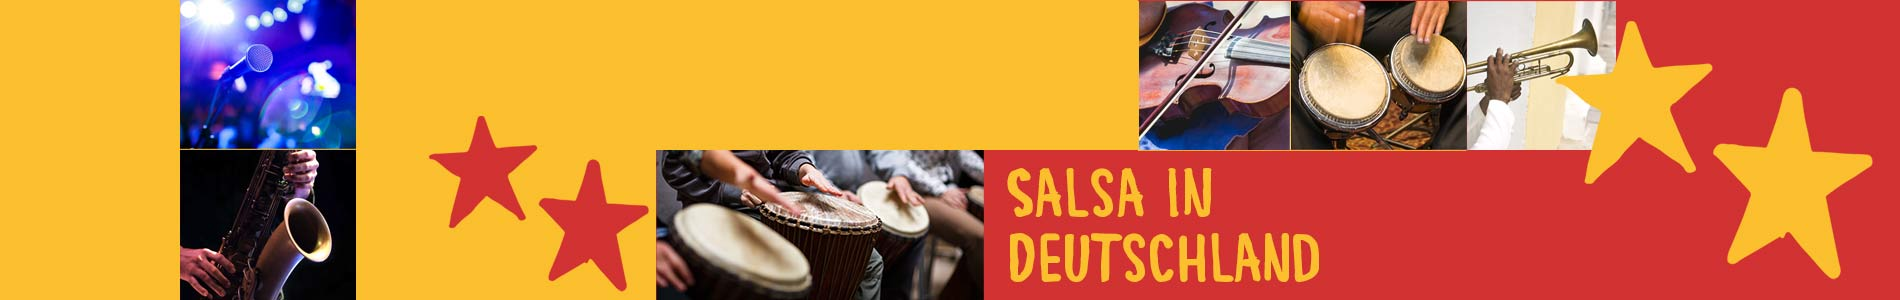 Salsa in Daisendorf – Salsa lernen und tanzen, Tanzkurse, Partys, Veranstaltungen